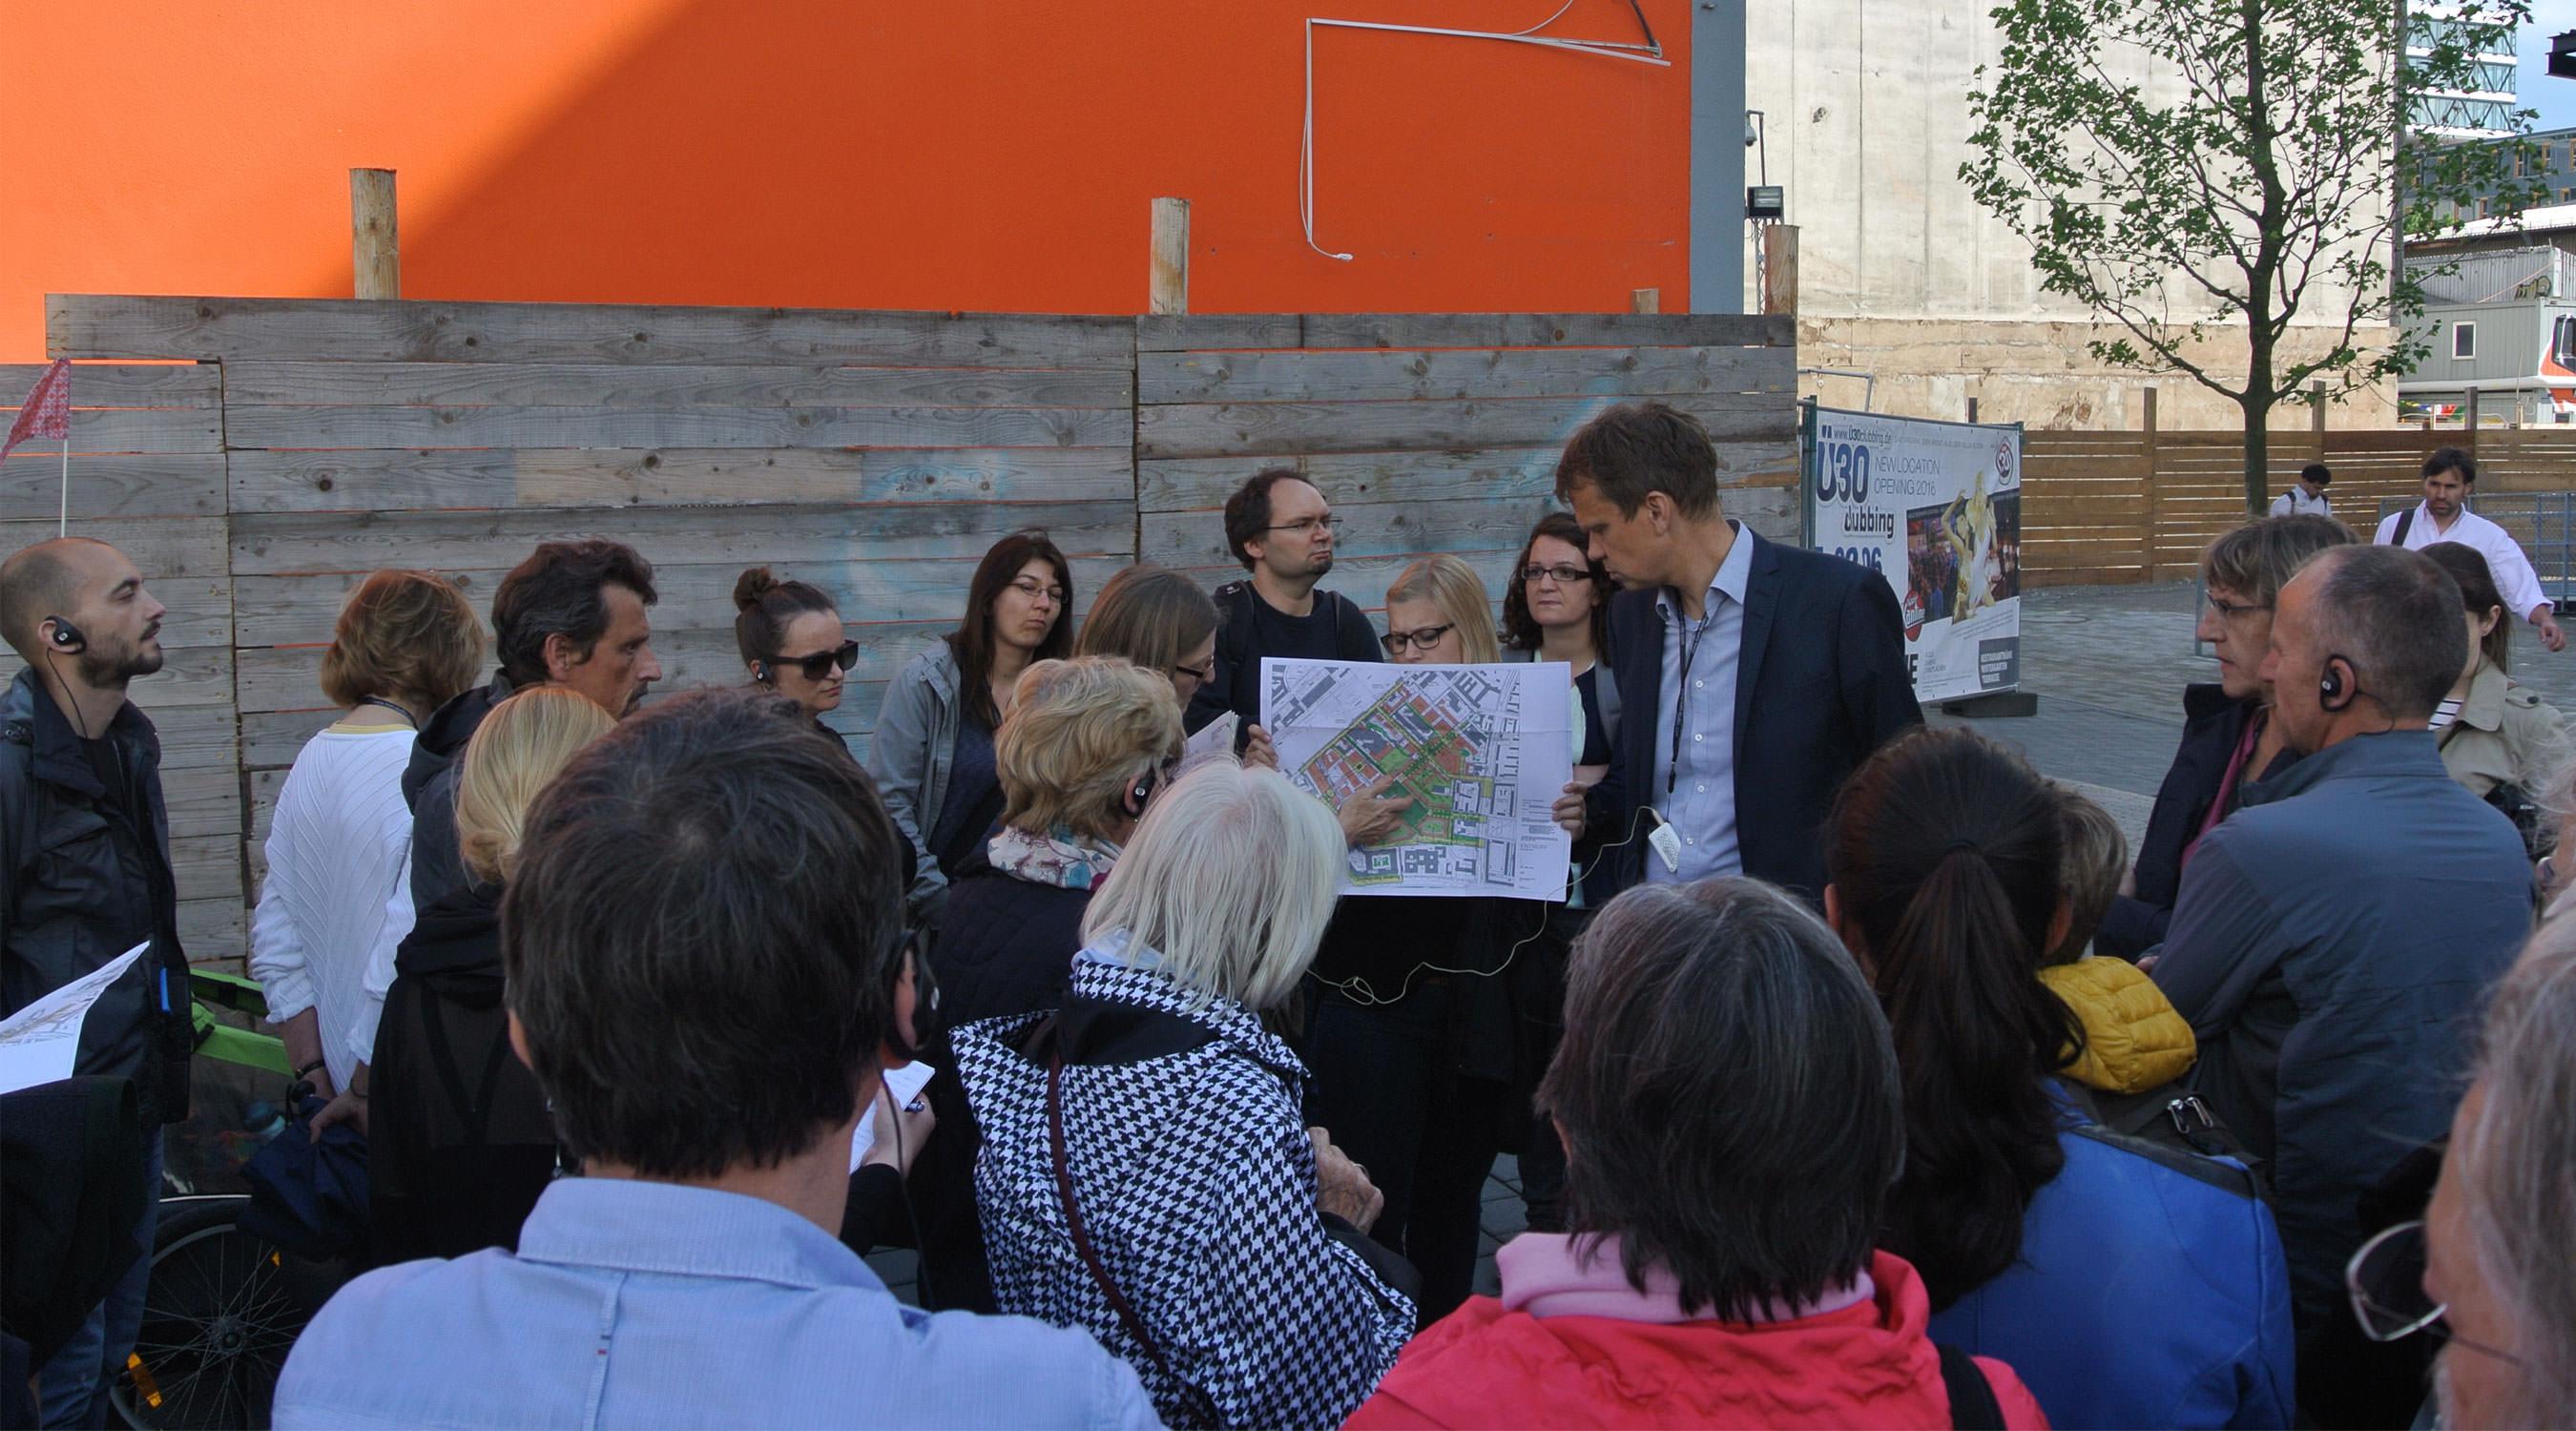 Integriertes Handlungsraumkonzept Handlungsraum 3 München Werksviertel